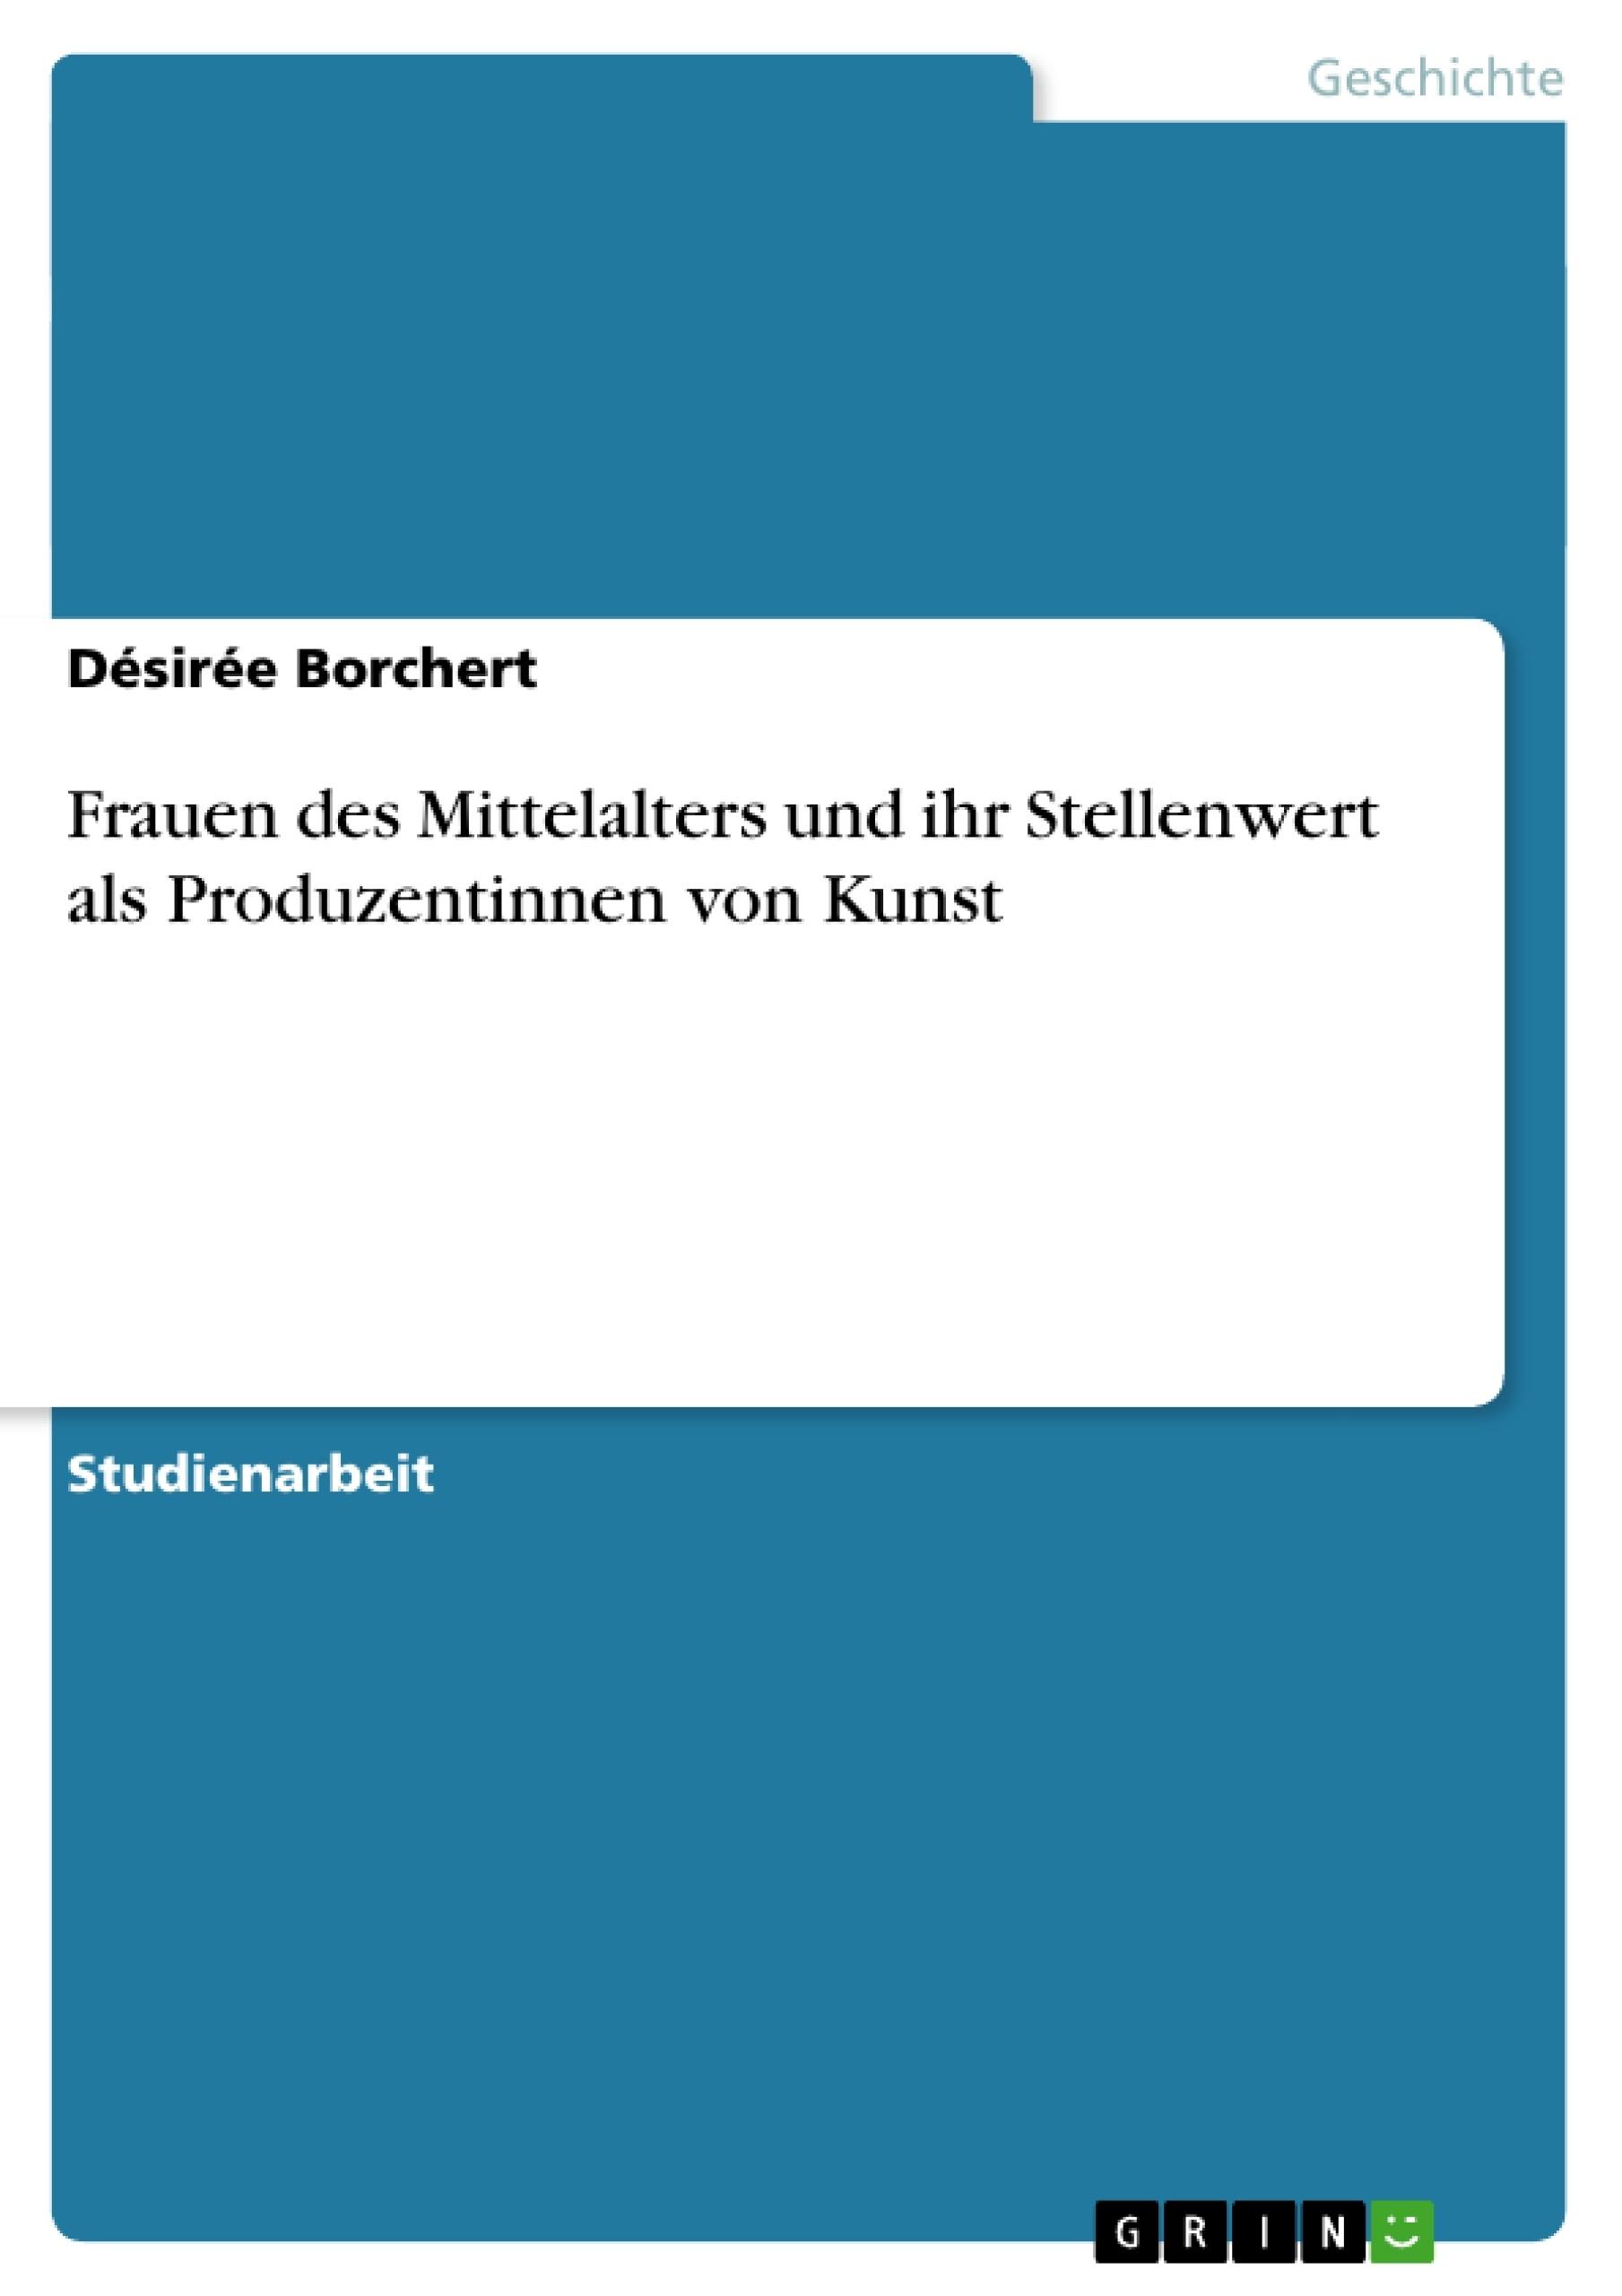 Titel: Frauen des Mittelalters und ihr Stellenwert als Produzentinnen von Kunst